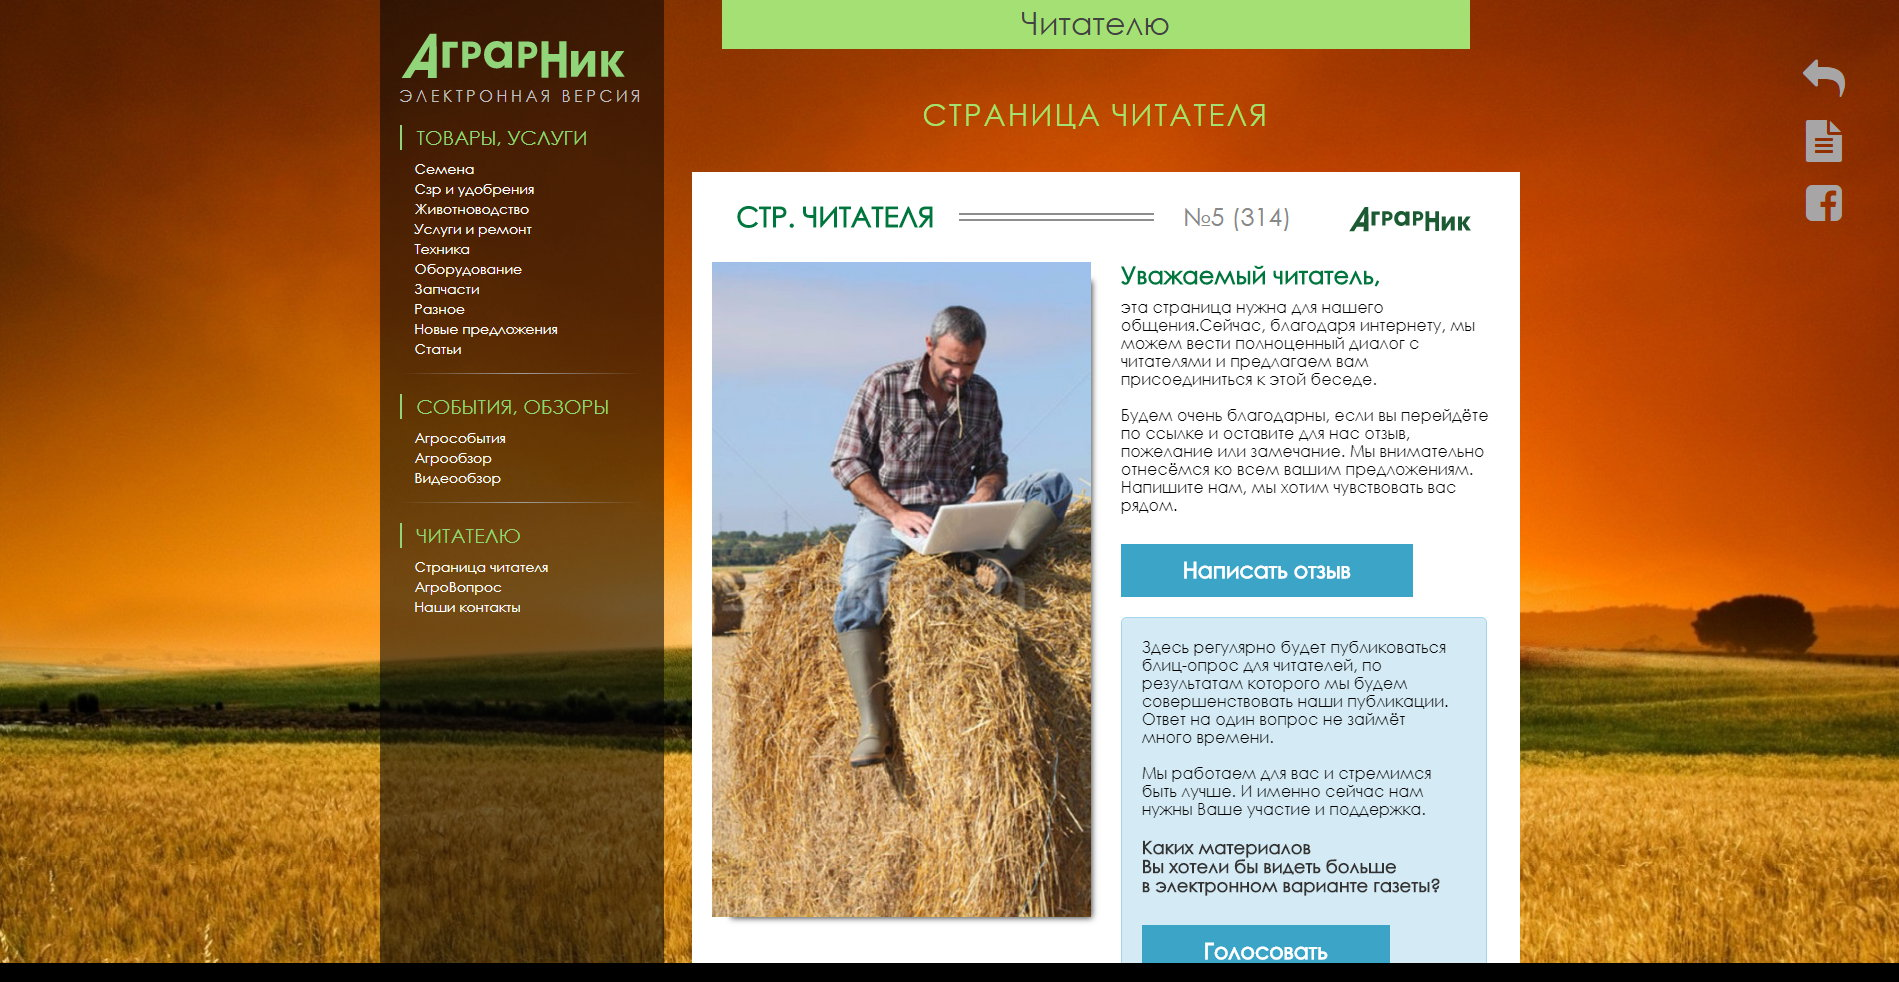 Интерактивный номер газеты АграрНик